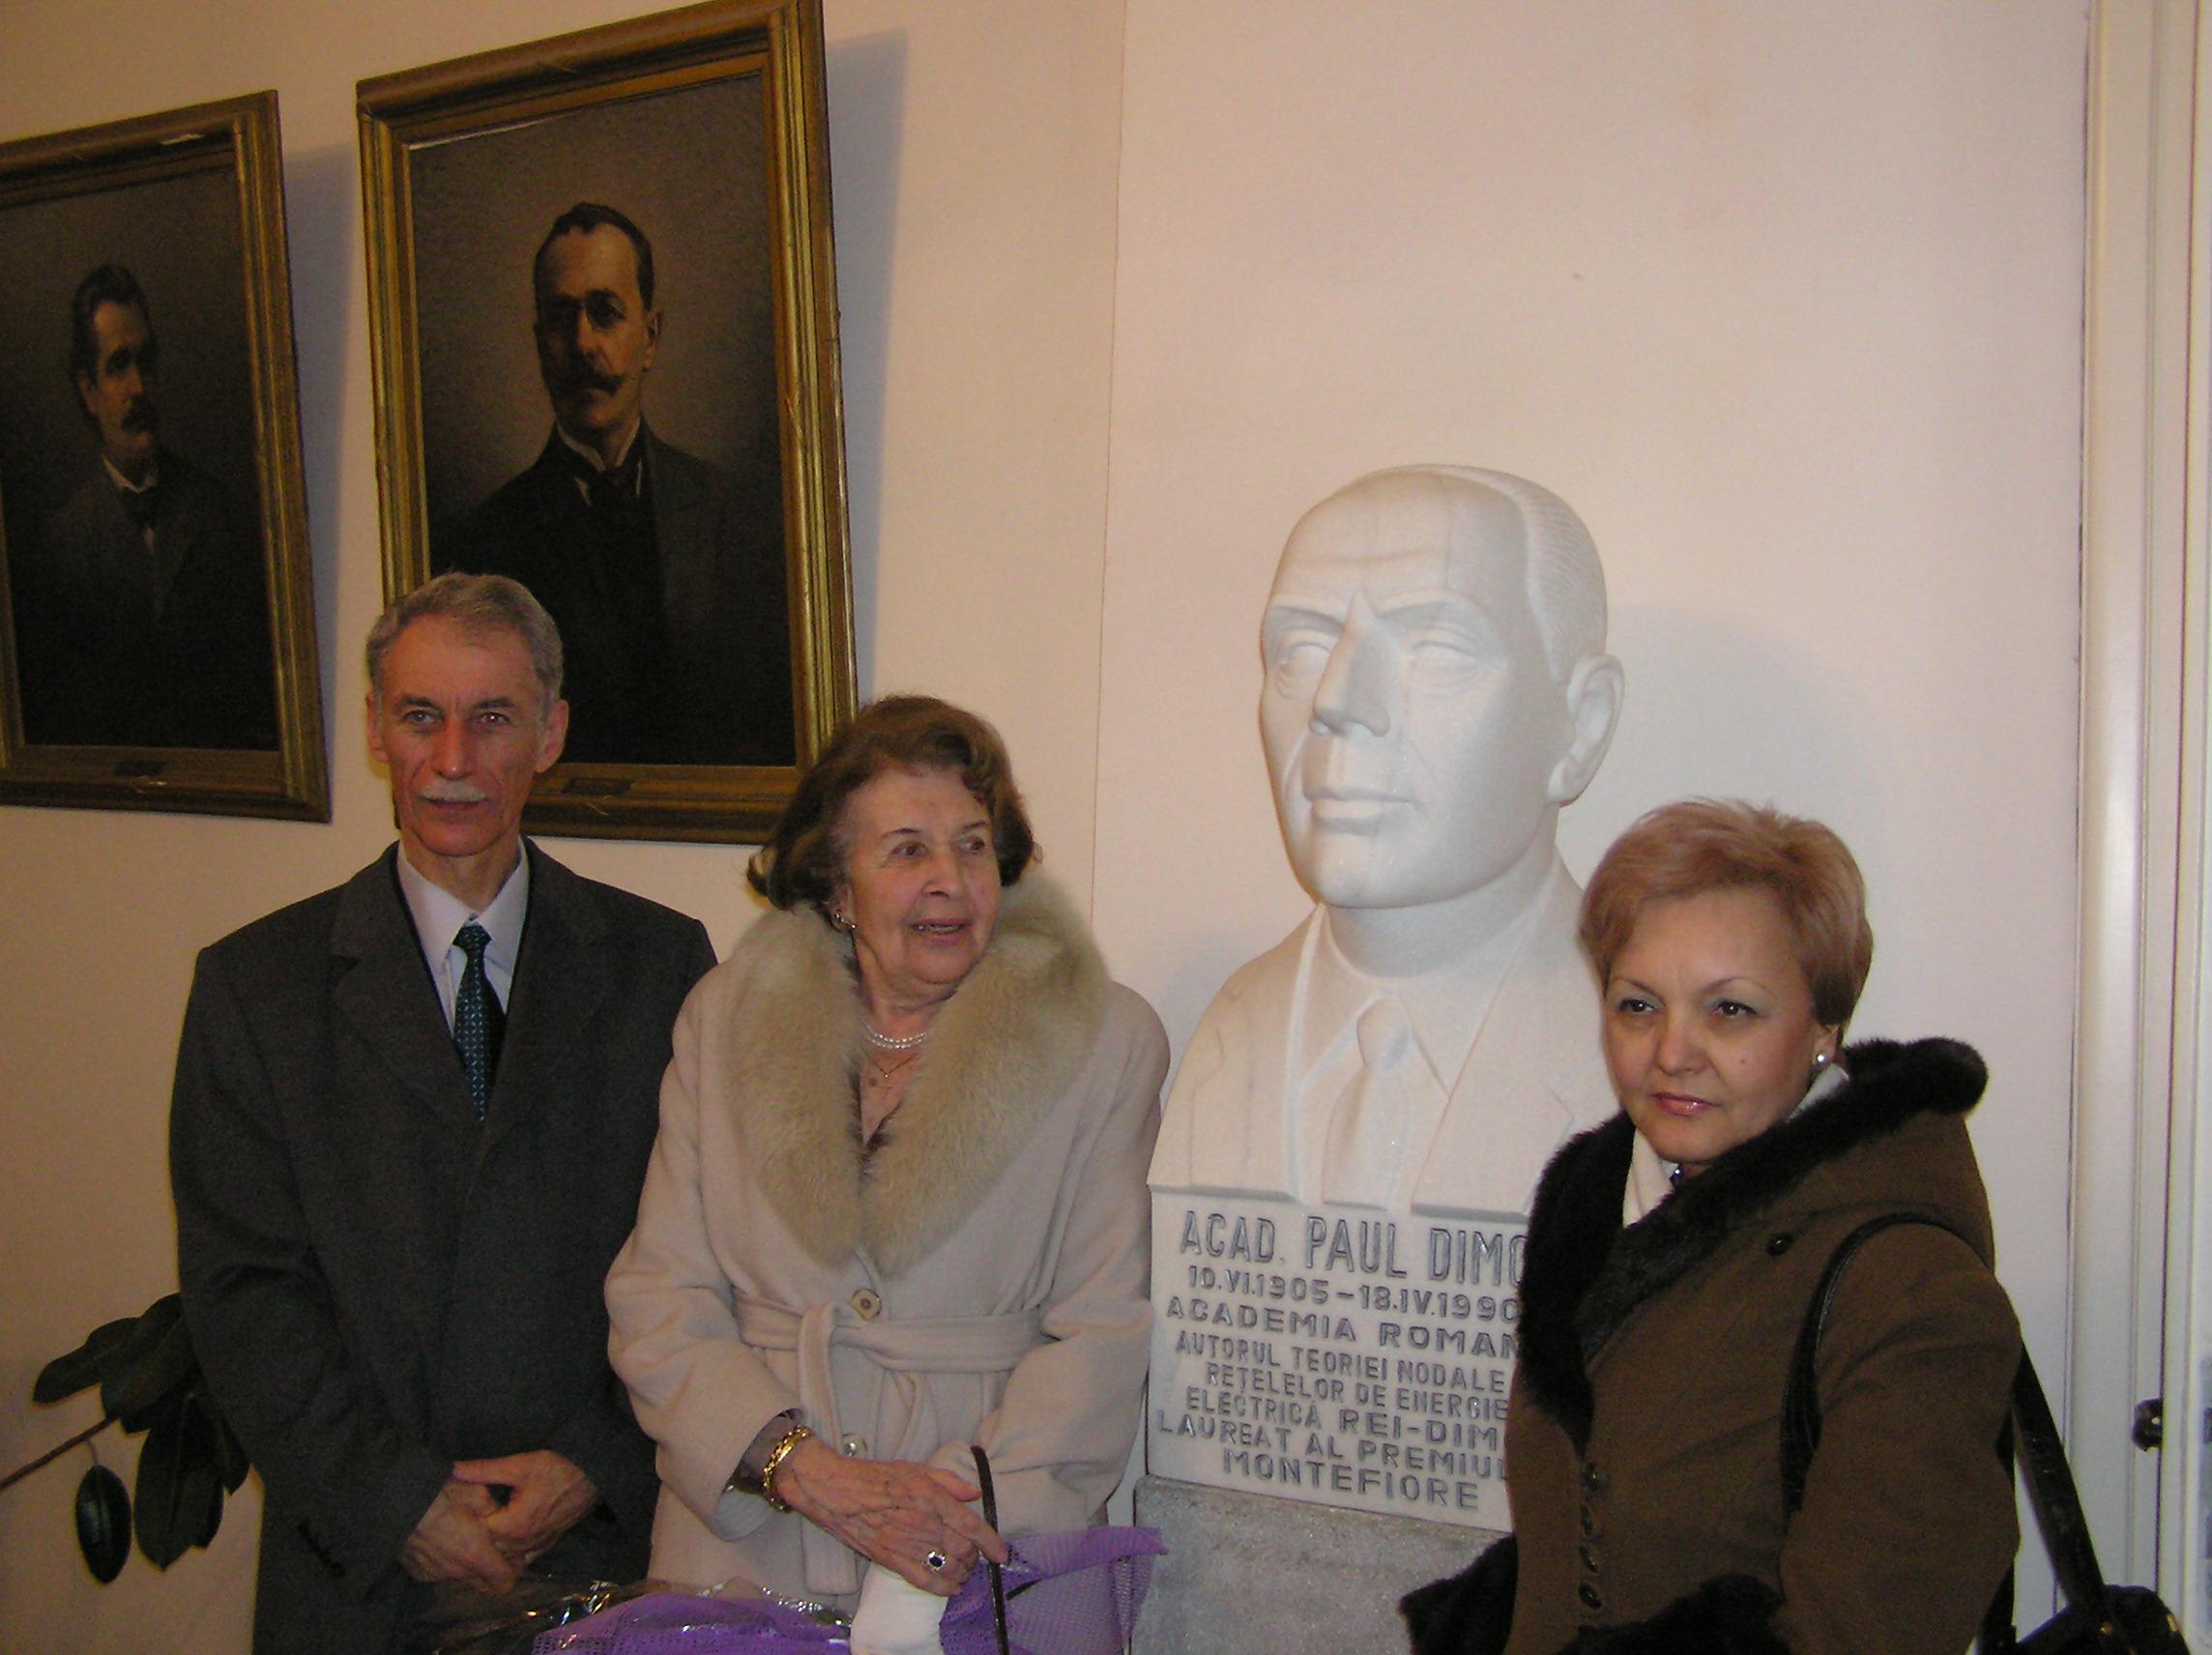 100 de ani de la nasterea Acad. Paul Dimo